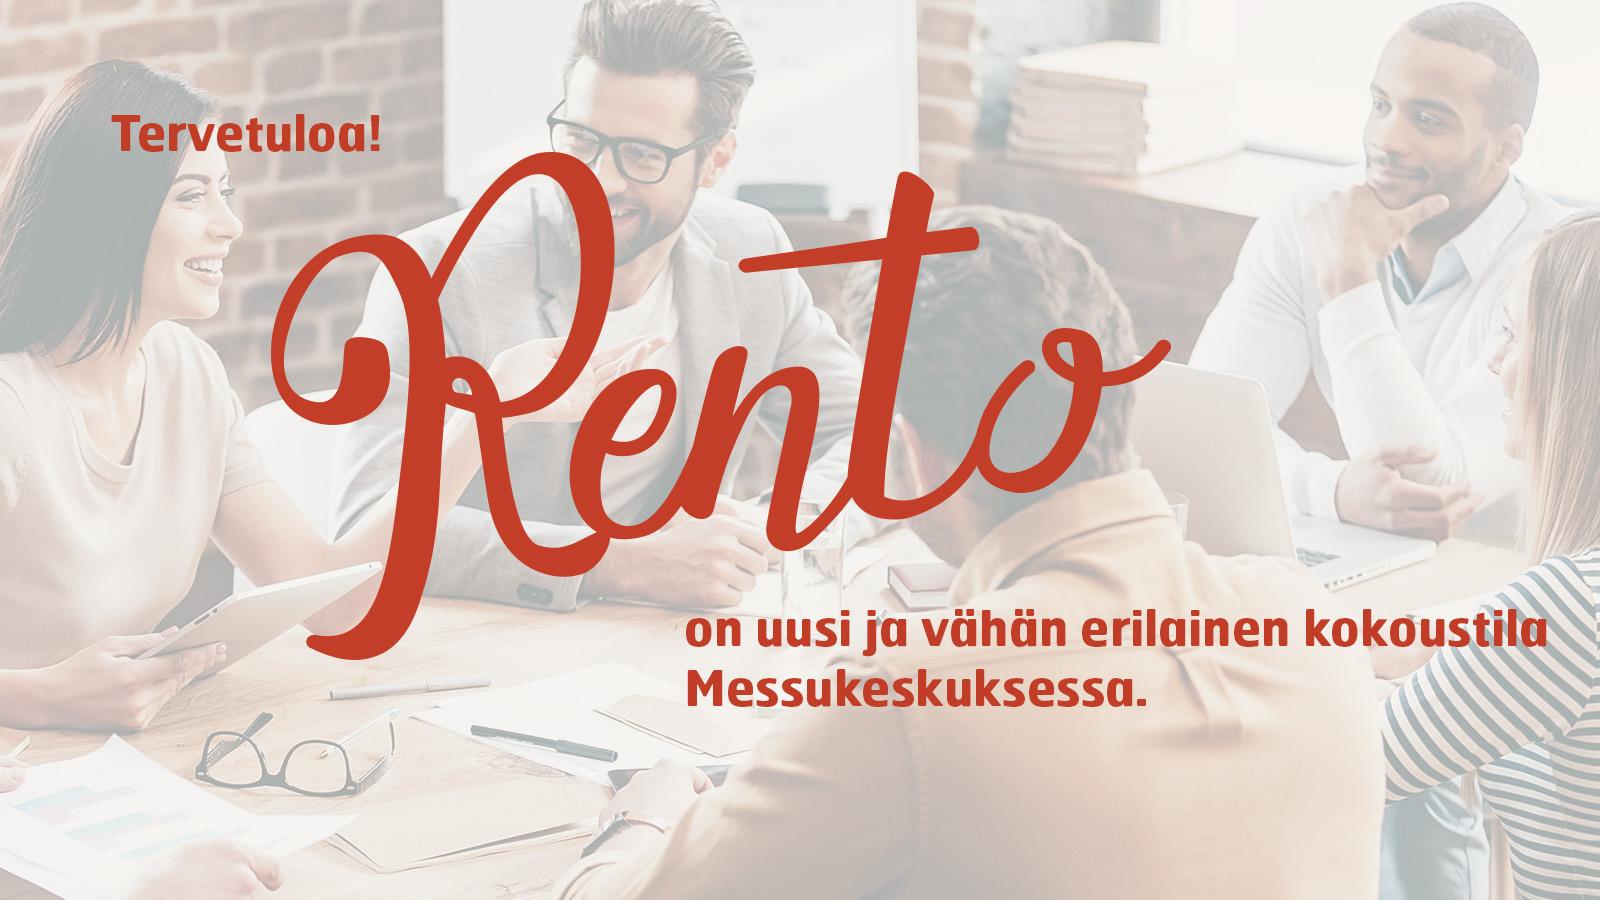 Rento-1600x900